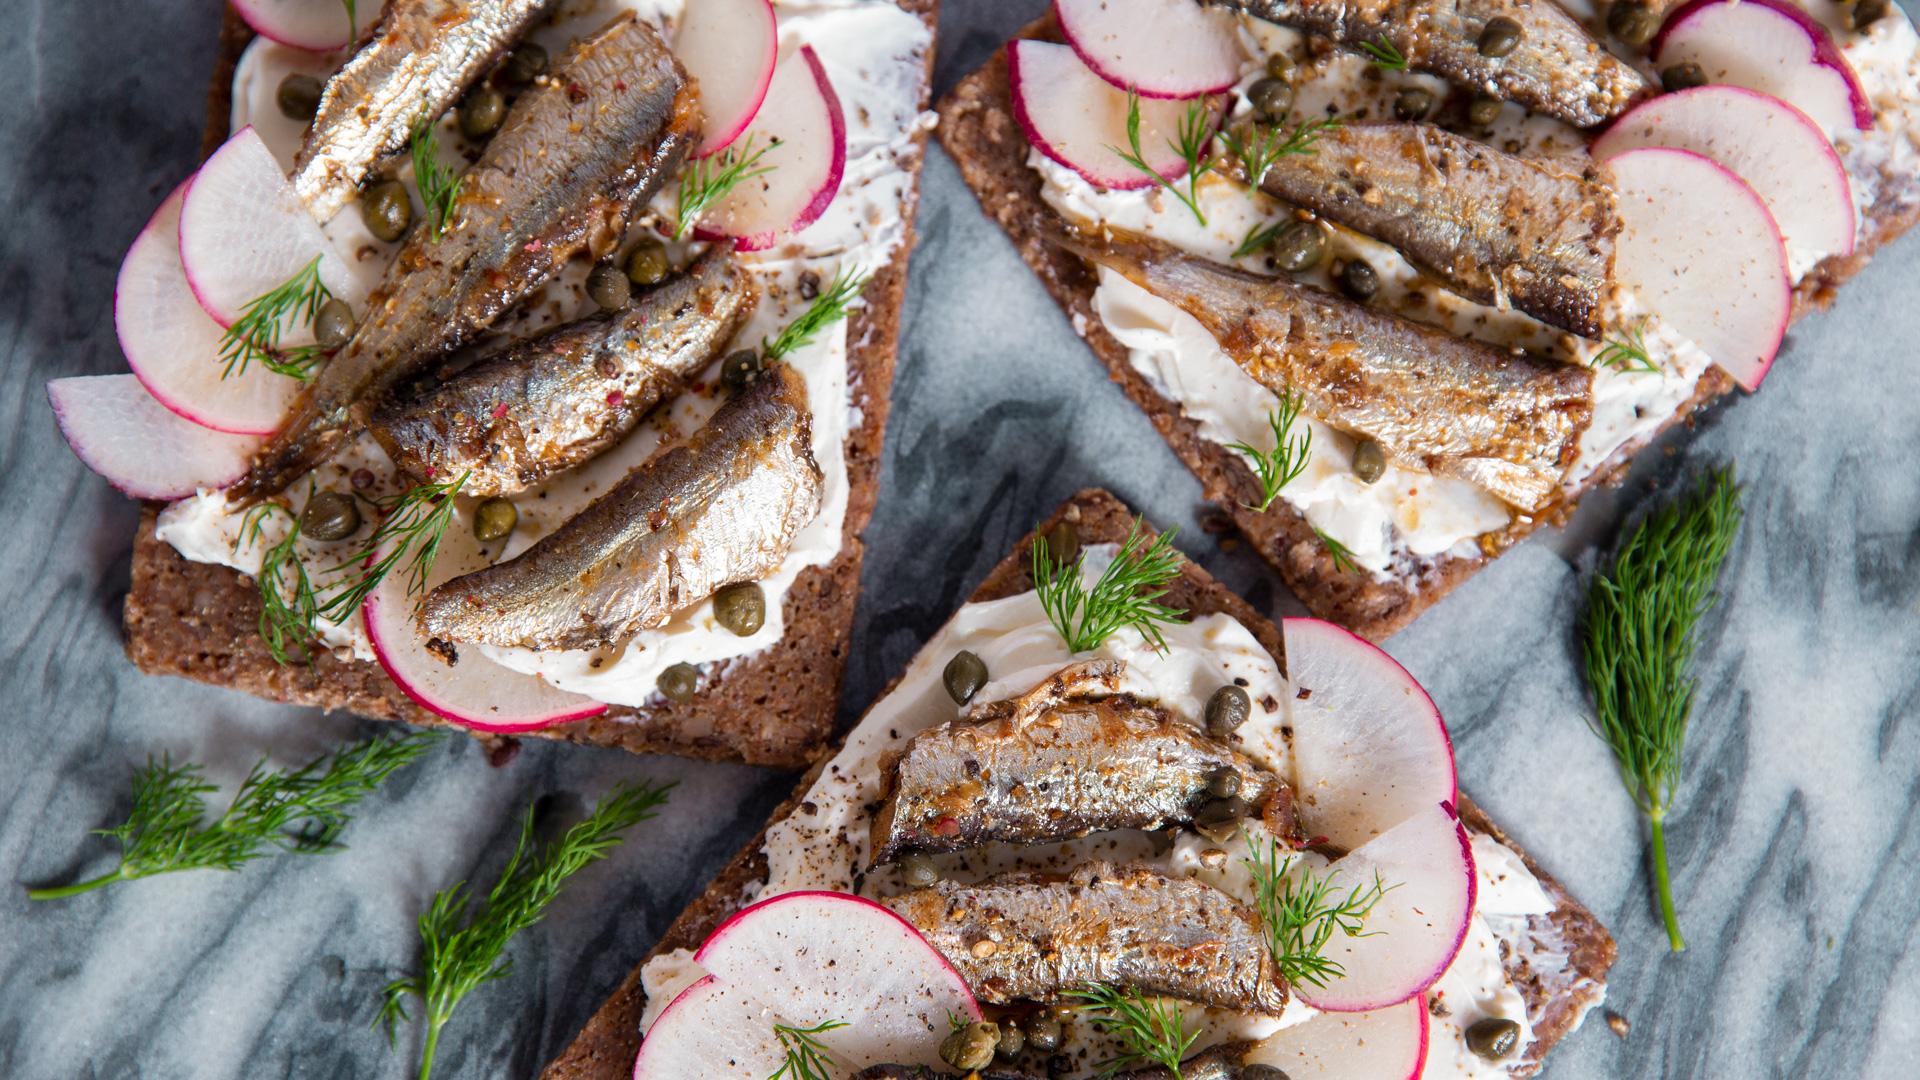 Sardines on Rye Sandwich